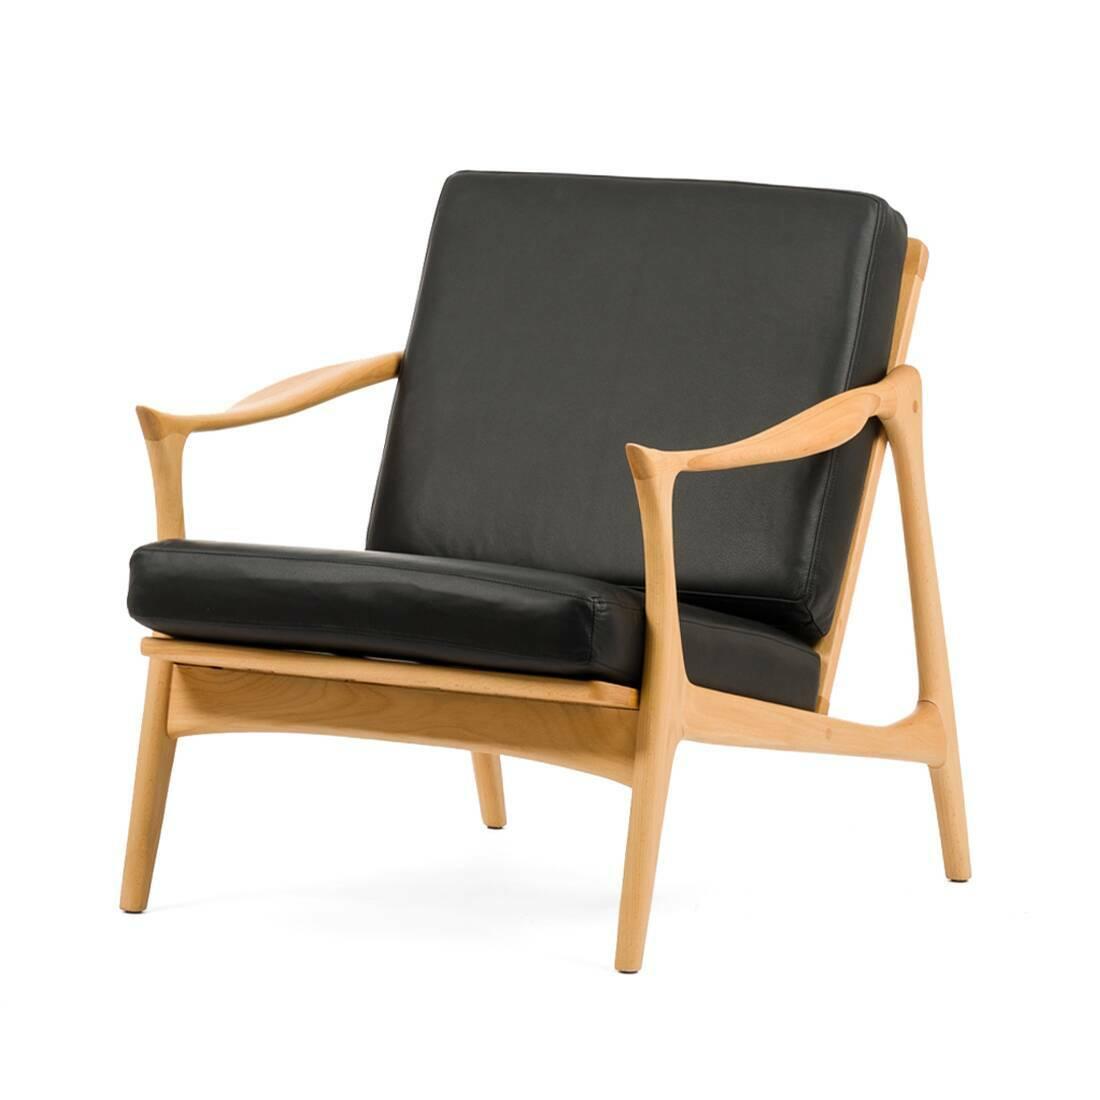 Кресло Model 711Интерьерные<br>Дизайнерское легкое мягкое кресло Model 711 (Модель 711) с деревянным каркасом от Cosmo (Космо).<br><br><br> Мебель Фредрика Кайзера яркая и функциональная, современная и легкая. Скандинавские черты в его работах перекликаются с необыкновенно красивой классикой и естественными линиями форм.<br><br><br> Именно таким является и кресло Model 711. Бук, использованный при создании этого кресла, обладает высоким качеством и прочностью древесины и ценится производителями мебели во всем мире. Деревянный карк...<br><br>stock: 1<br>Высота: 77<br>Высота сиденья: 39,5<br>Ширина: 71<br>Глубина: 81<br>Материал каркаса: Массив бука<br>Тип материала каркаса: Дерево<br>Коллекция ткани: Standart Leather<br>Тип материала обивки: Кожа<br>Цвет обивки: Черный<br>Цвет каркаса: Светло-коричневый